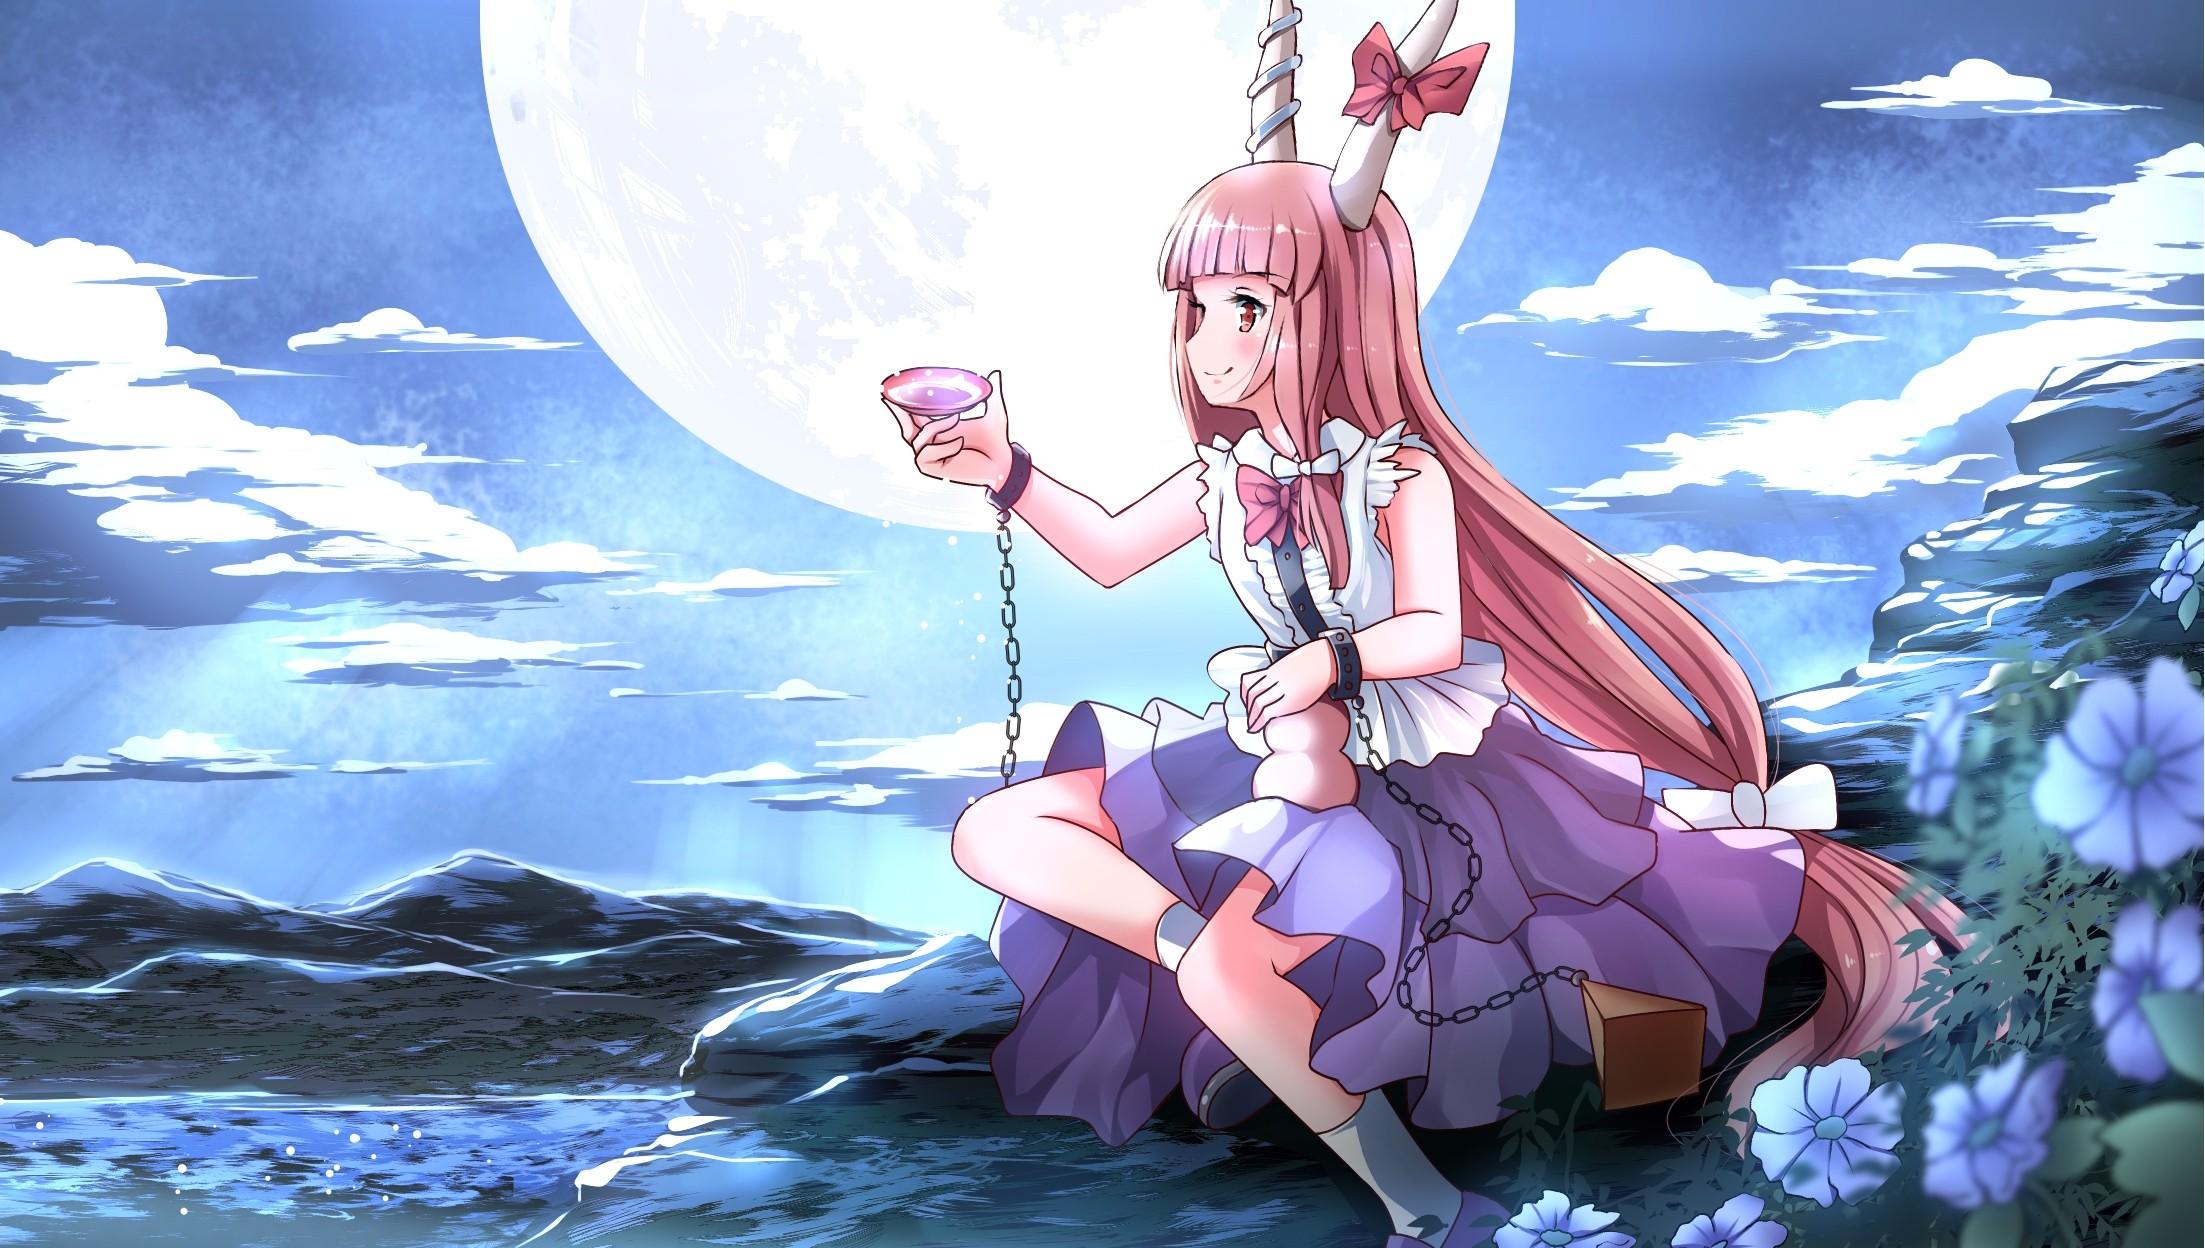 Fondos De Pantalla Ilustración Noche Pelo Largo Anime